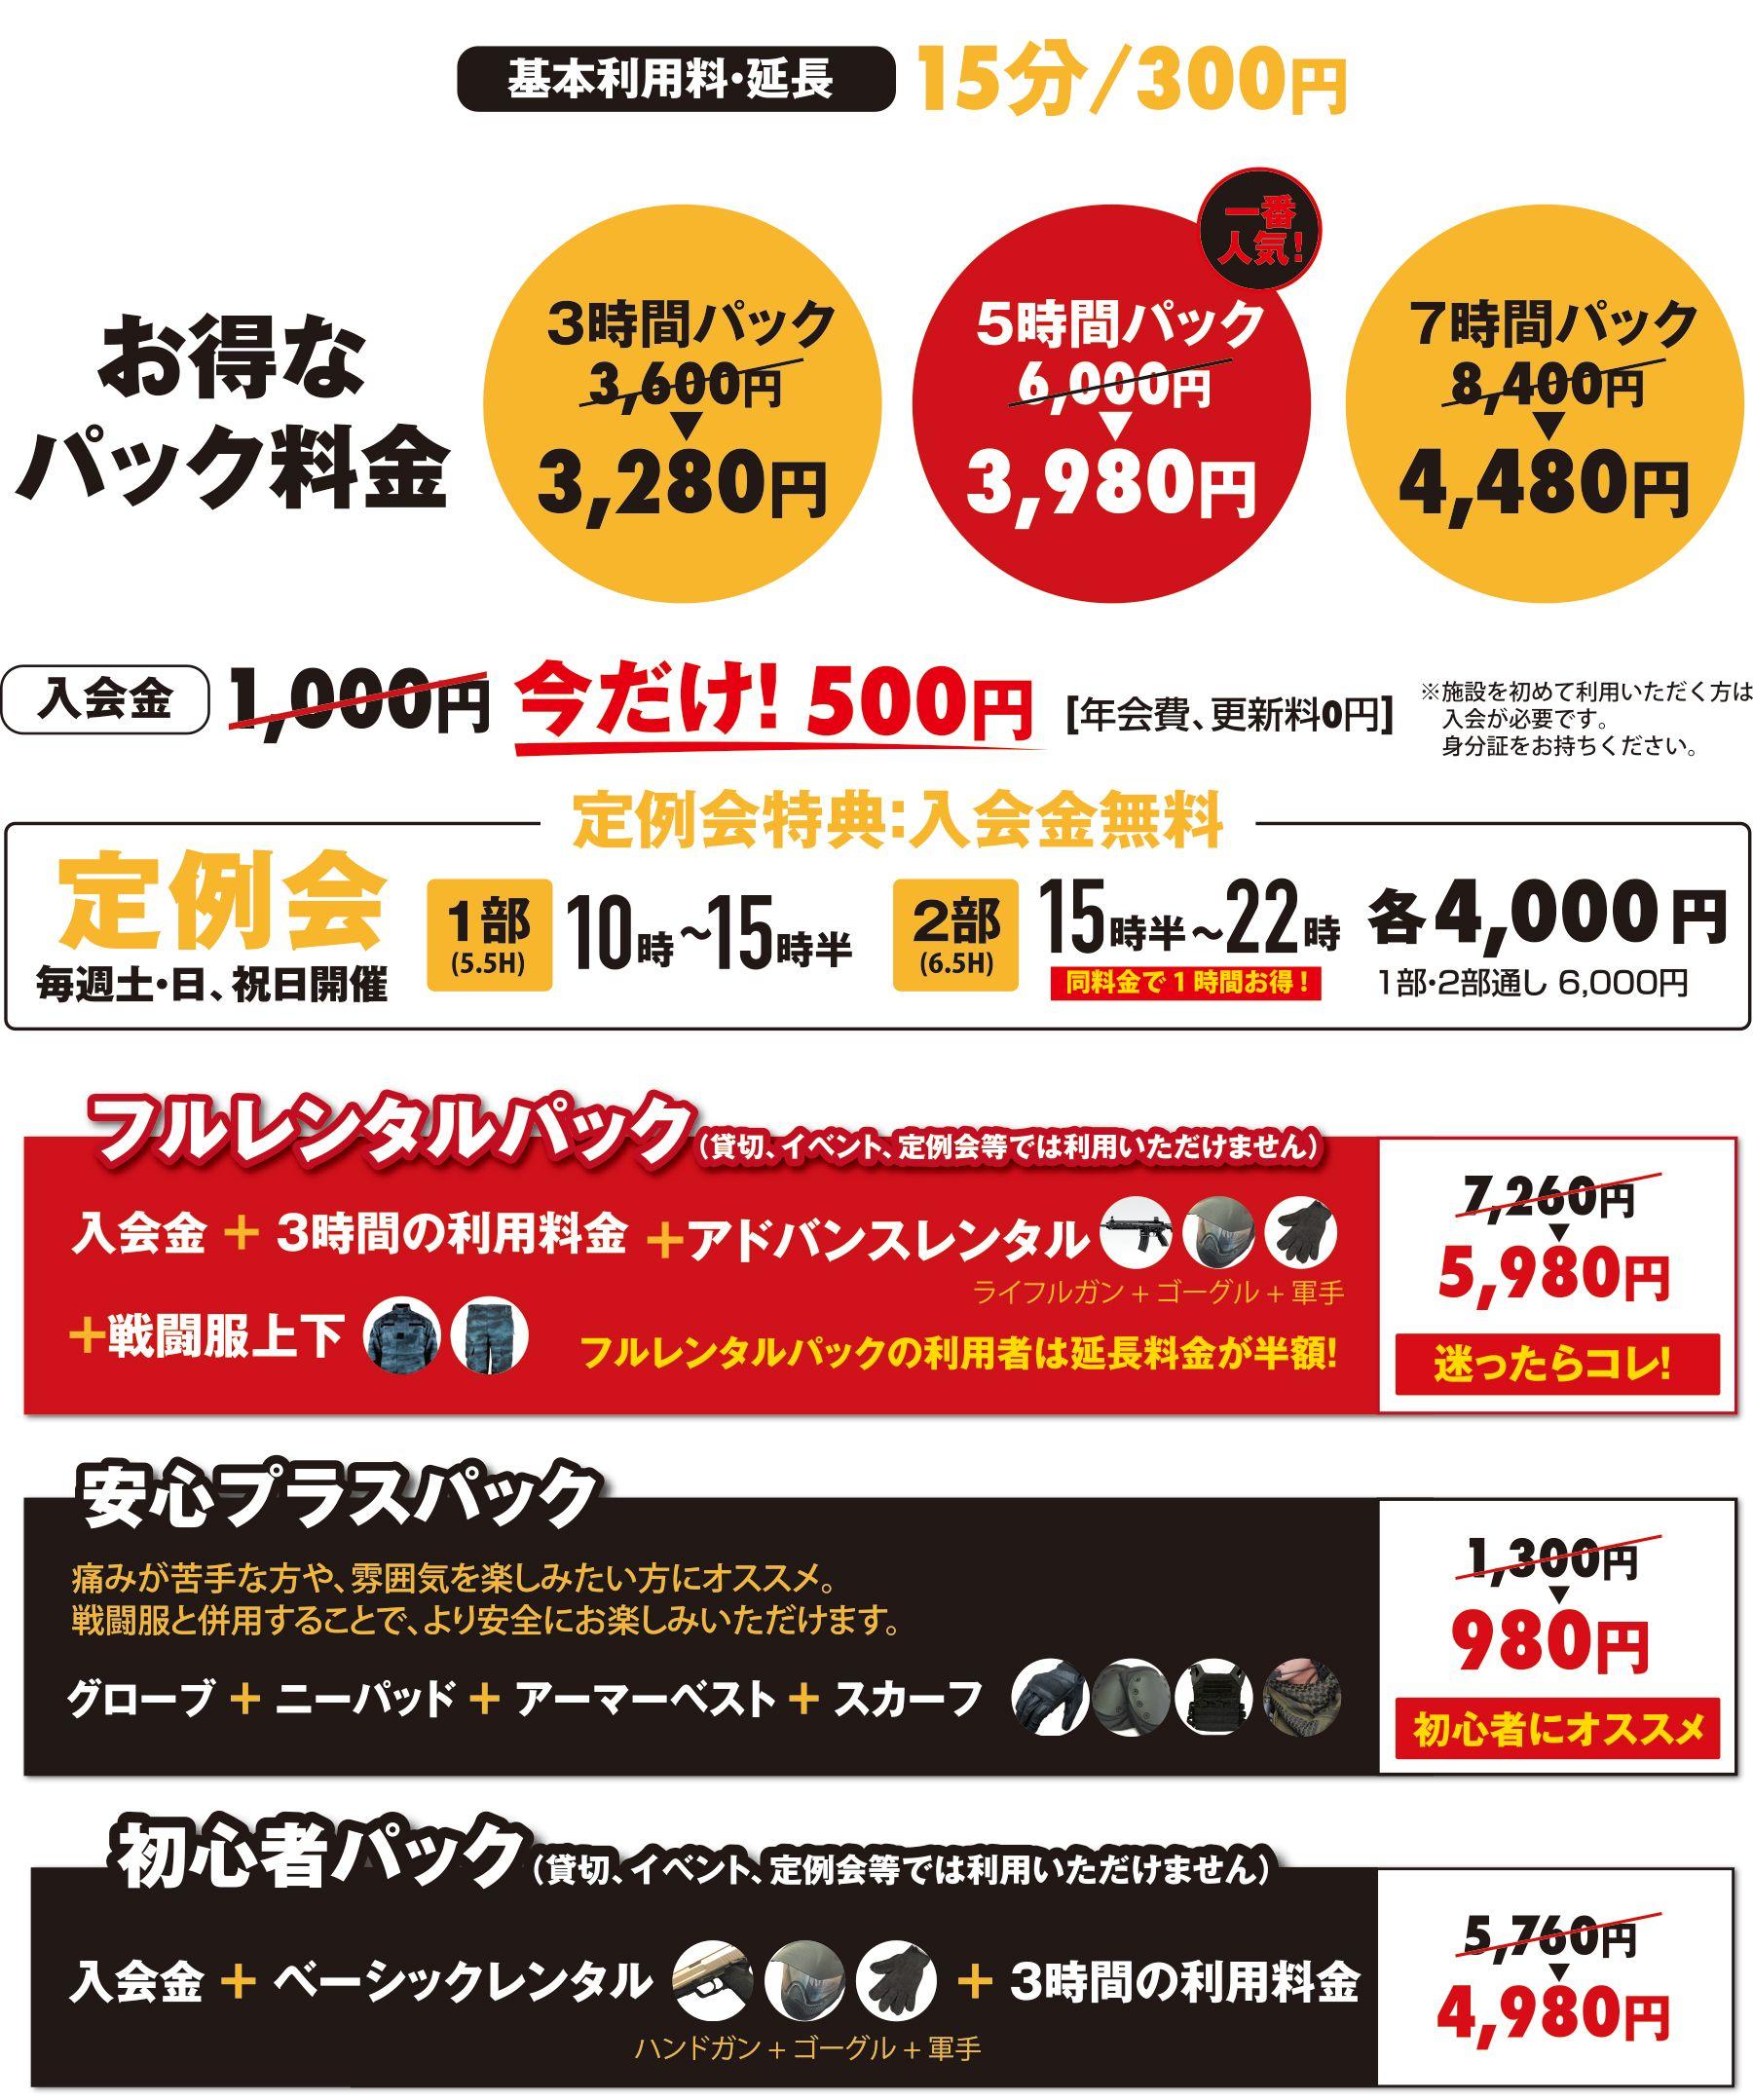 埼玉でサバイバルゲームをするならBrave Point 埼玉上福岡店   料金案内